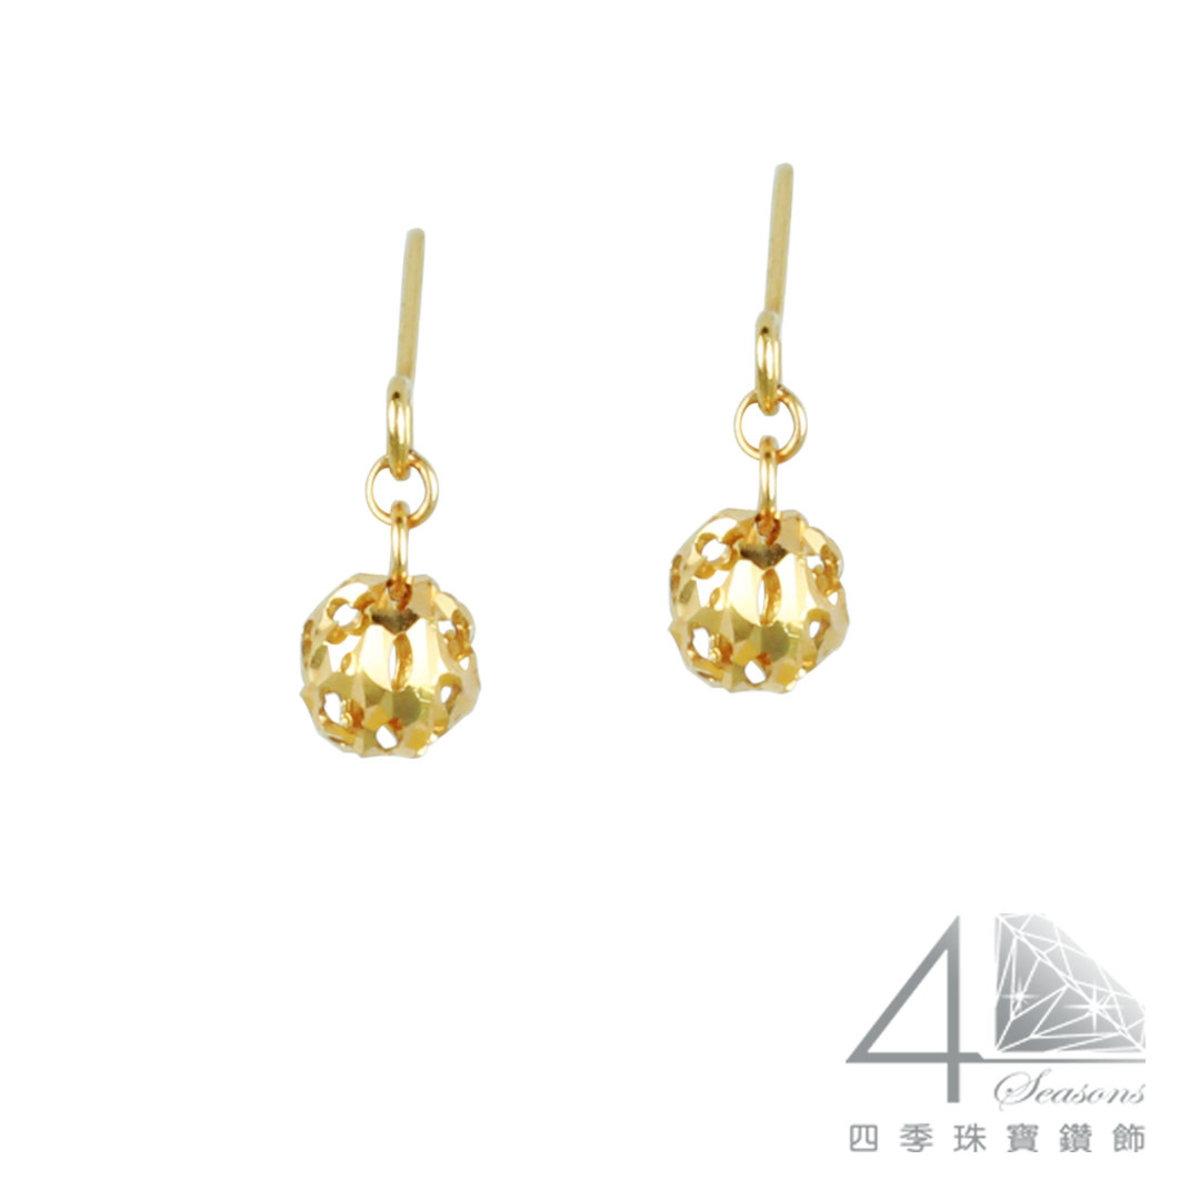 18K / 750 Red Gold Earrings